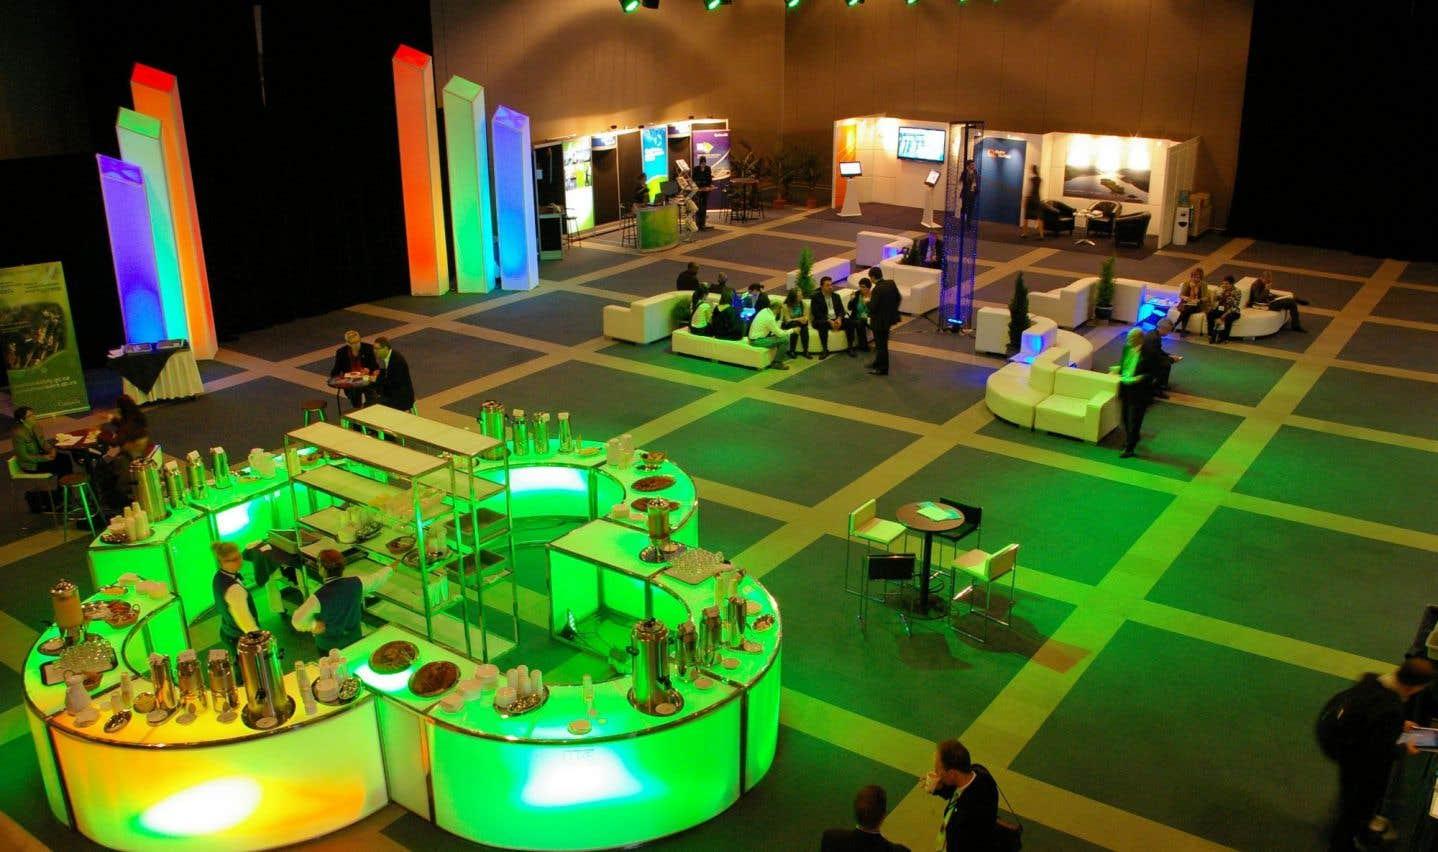 Depuis sa création, le CCQ a accueilli 27119 événements, dont 11028 congrès, près du quart étant d'envergure internationale.